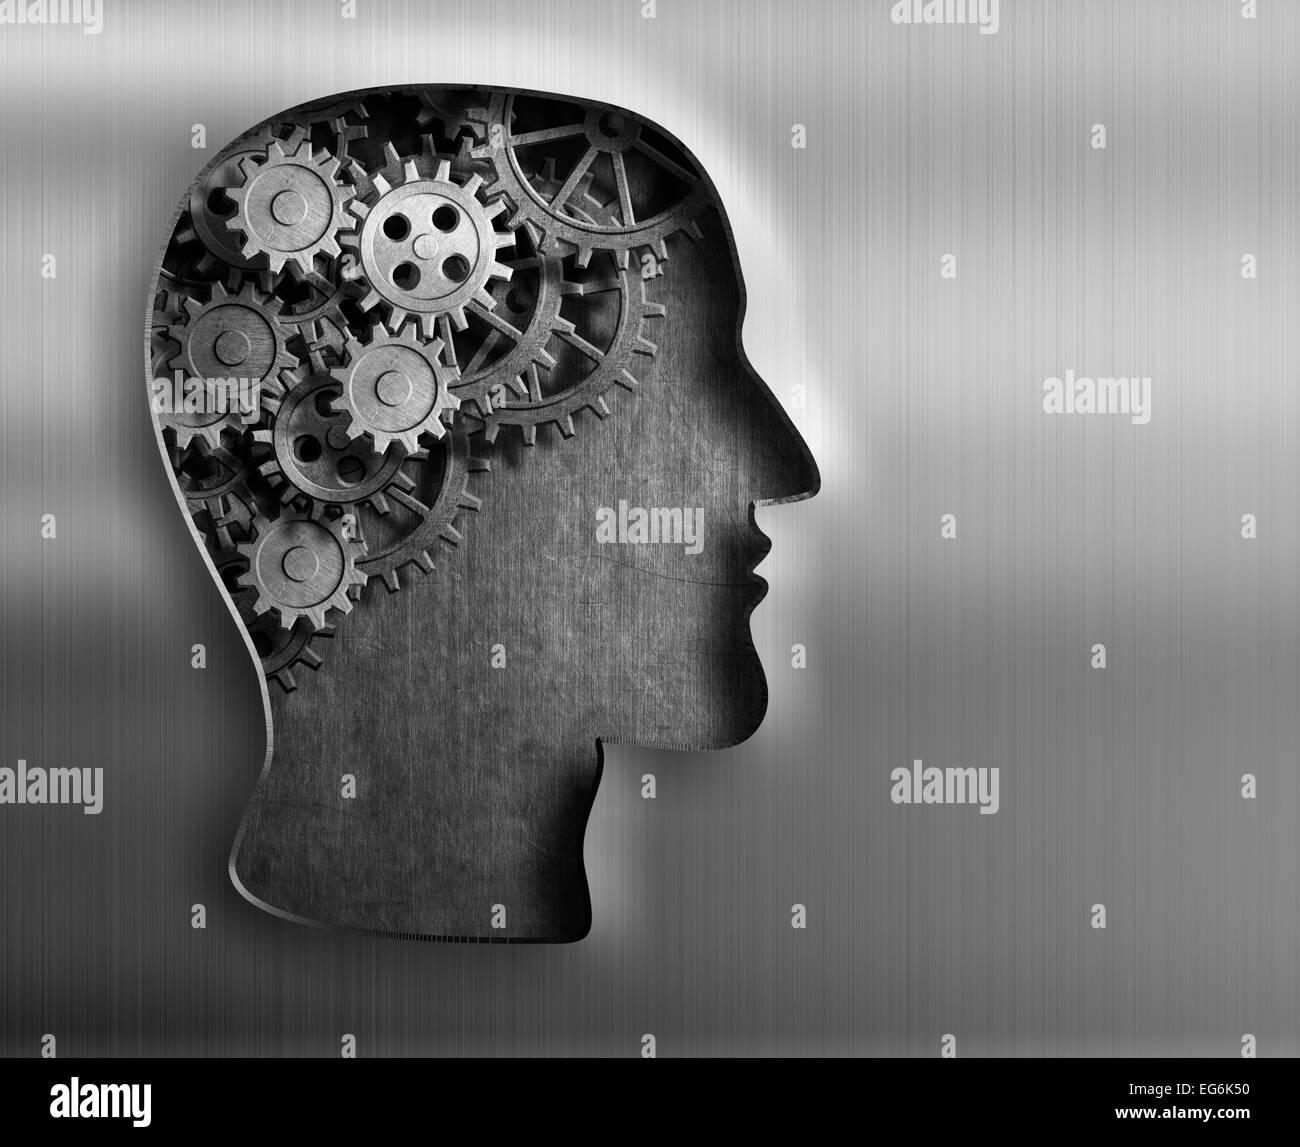 Gehirn-Modell von Getriebe und Zahnräder in Metallplatte. Stockbild